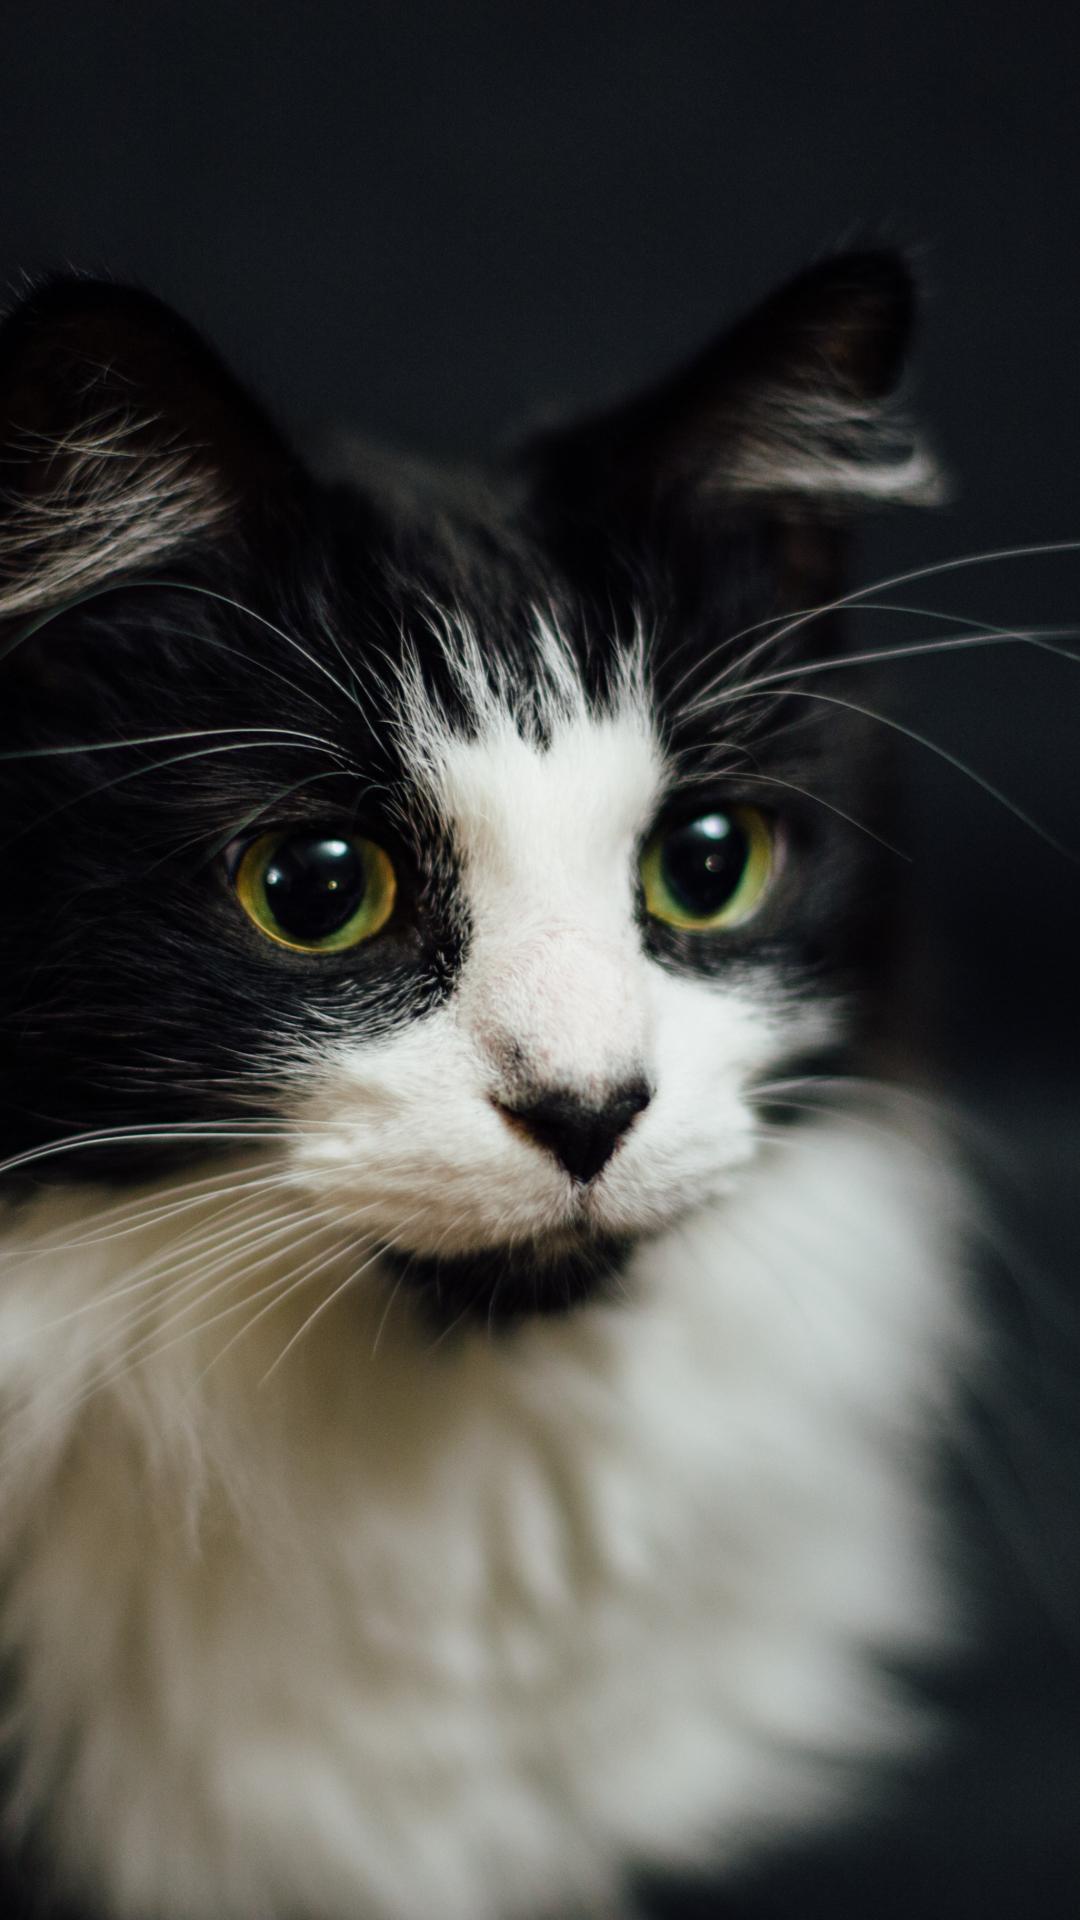 白と黒猫のスマホ壁紙のiphone 8 Plus Android 动物 Iphoneチーズ